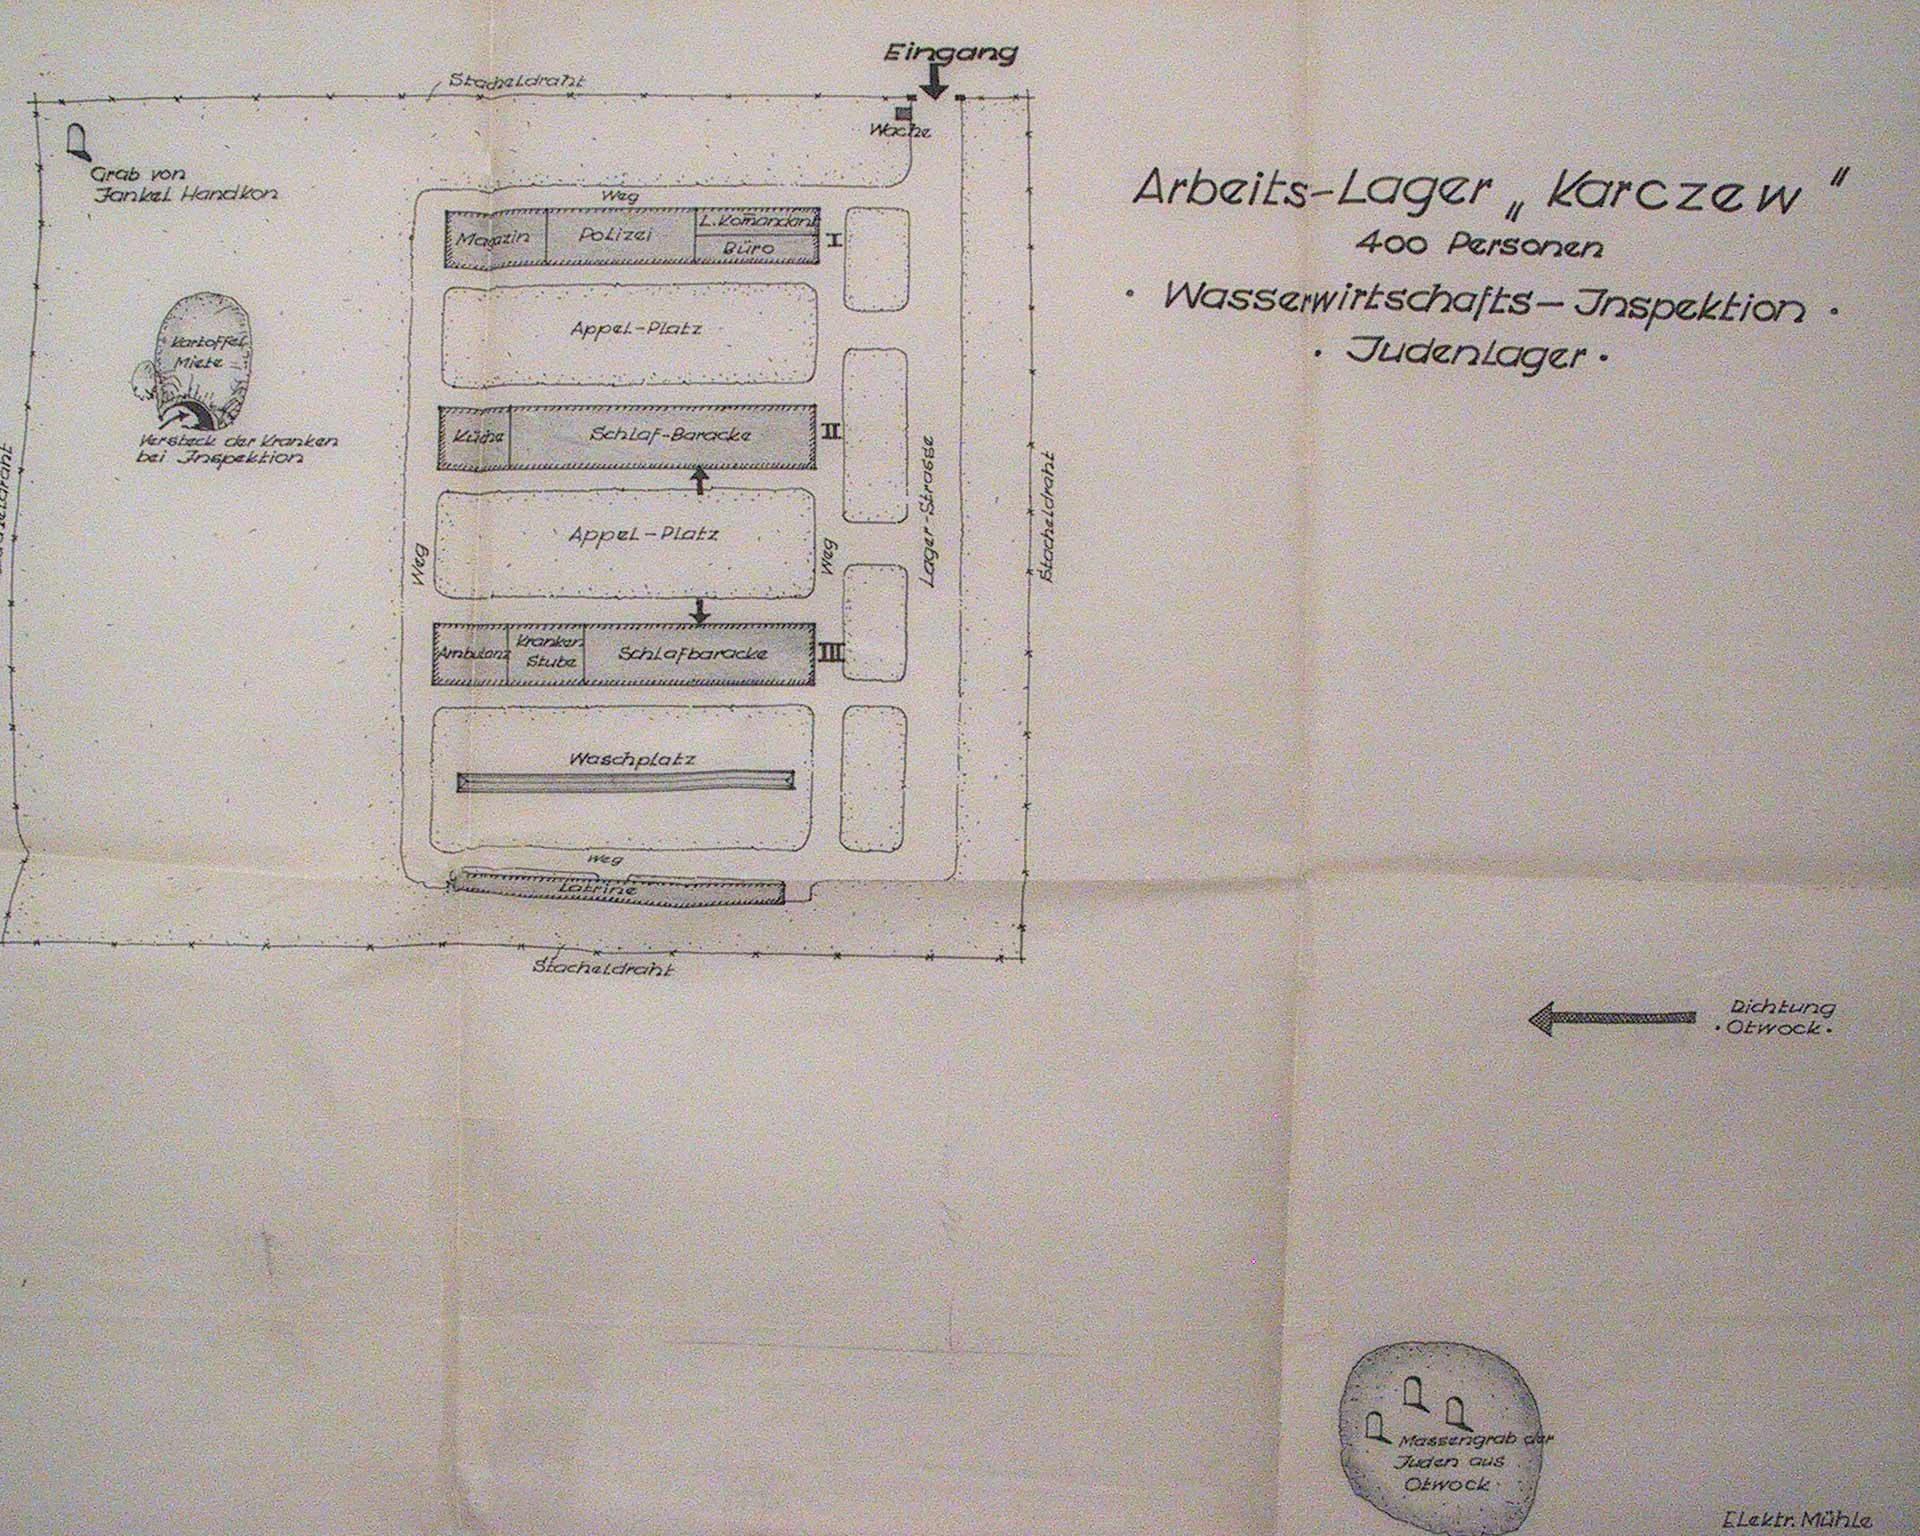 Il est accompagné d'un plan du camp de travail forcé de Karczew qui se trouvait à proximité. (Photo : Peter Berra)